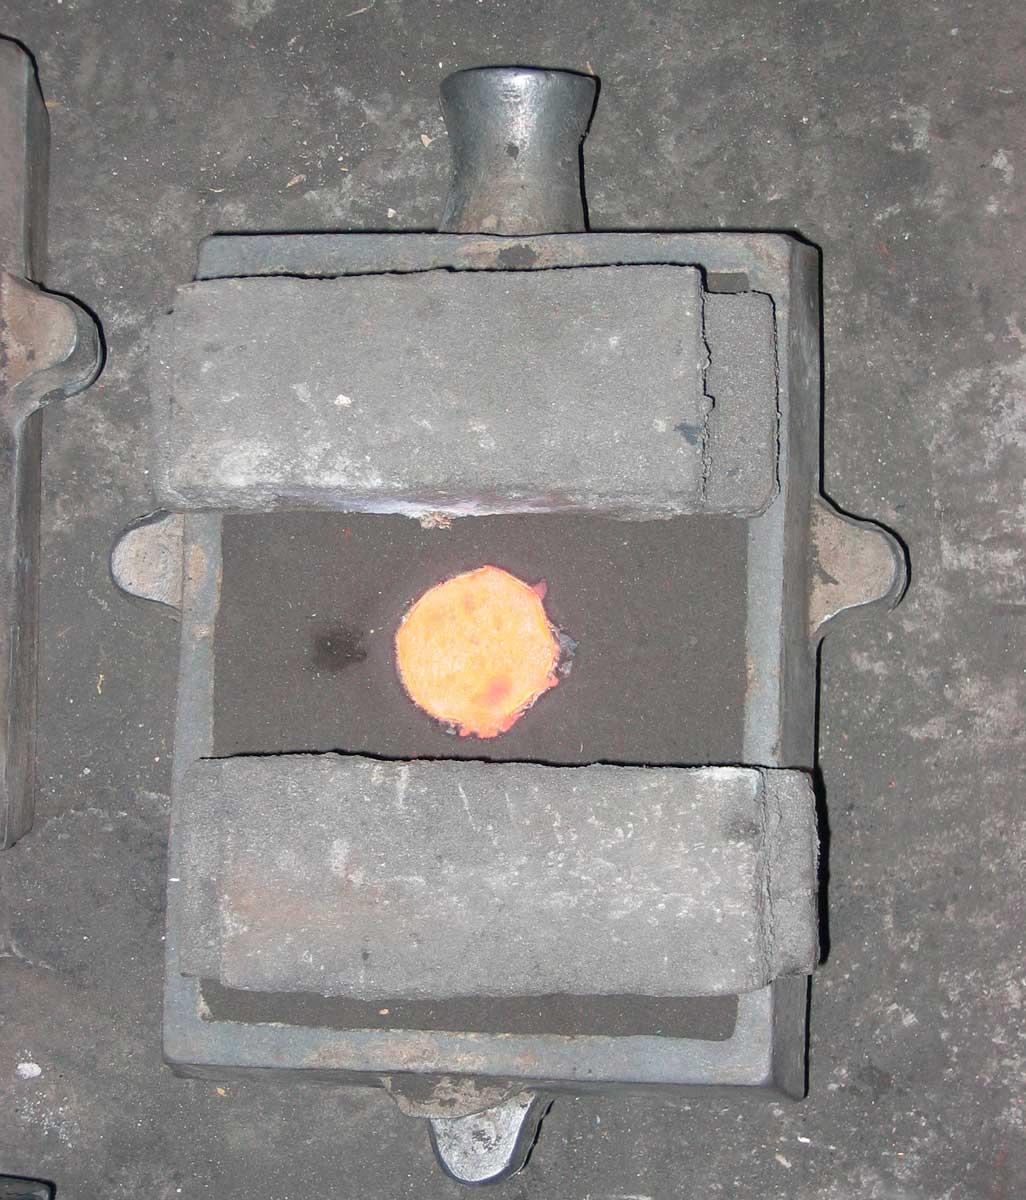 Εικ. 5. Διπλή μήτρα από άμμο, στο εσωτερικό της οποίας έχει διοχετευθεί το λιωμένο μέταλλο (κρατέρωμα).